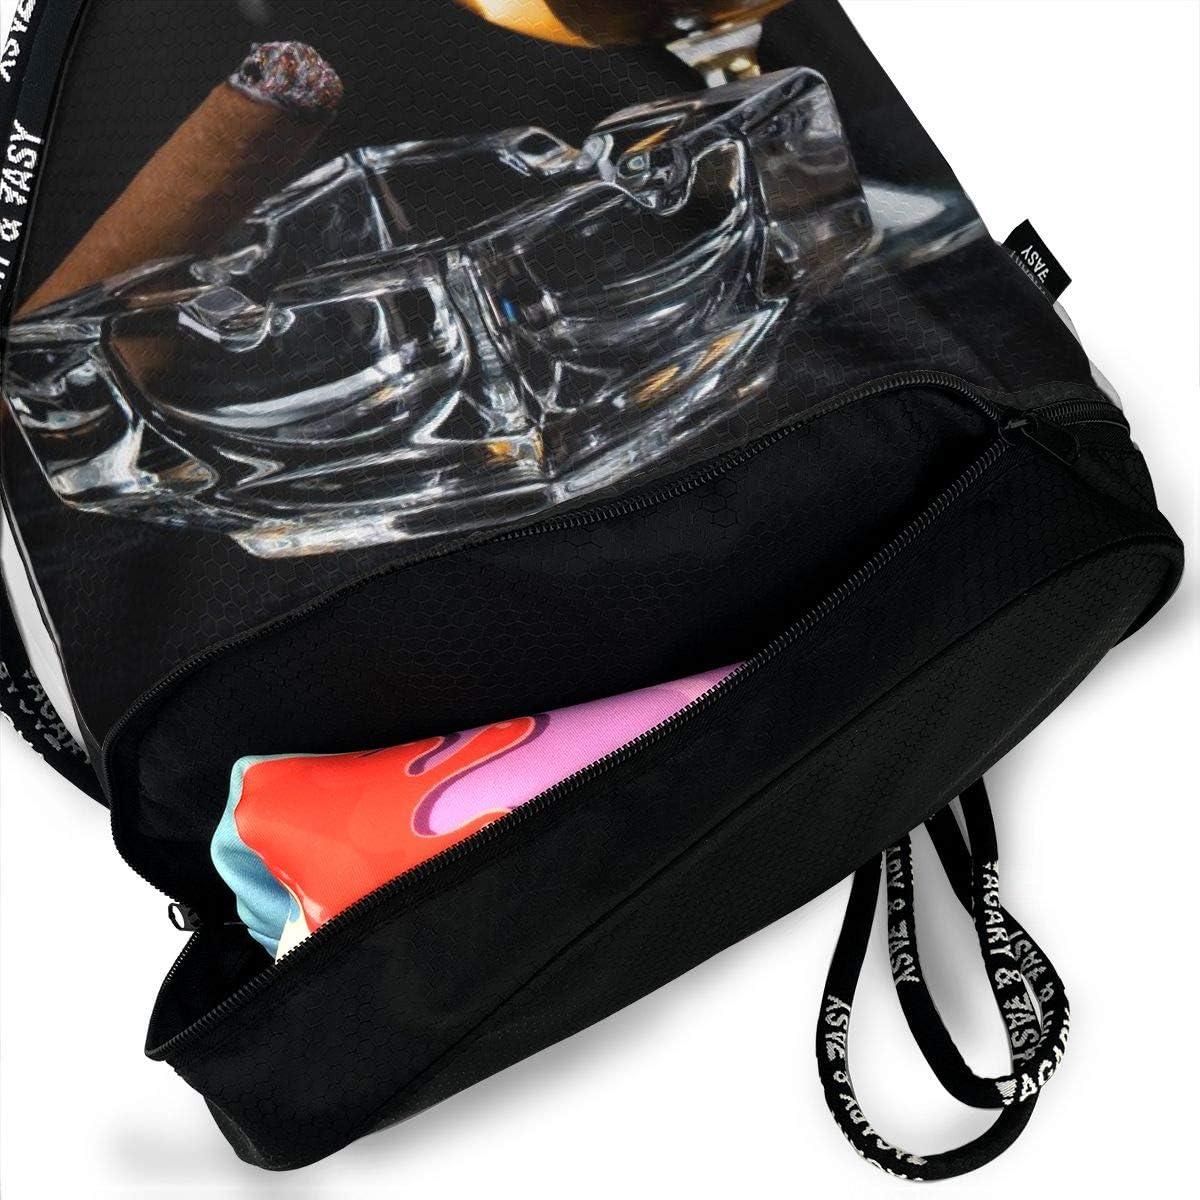 GymSack Drawstring Bag Sackpack Leisure Time Sport Cinch Pack Simple Bundle Pocke Backpack For Men Women